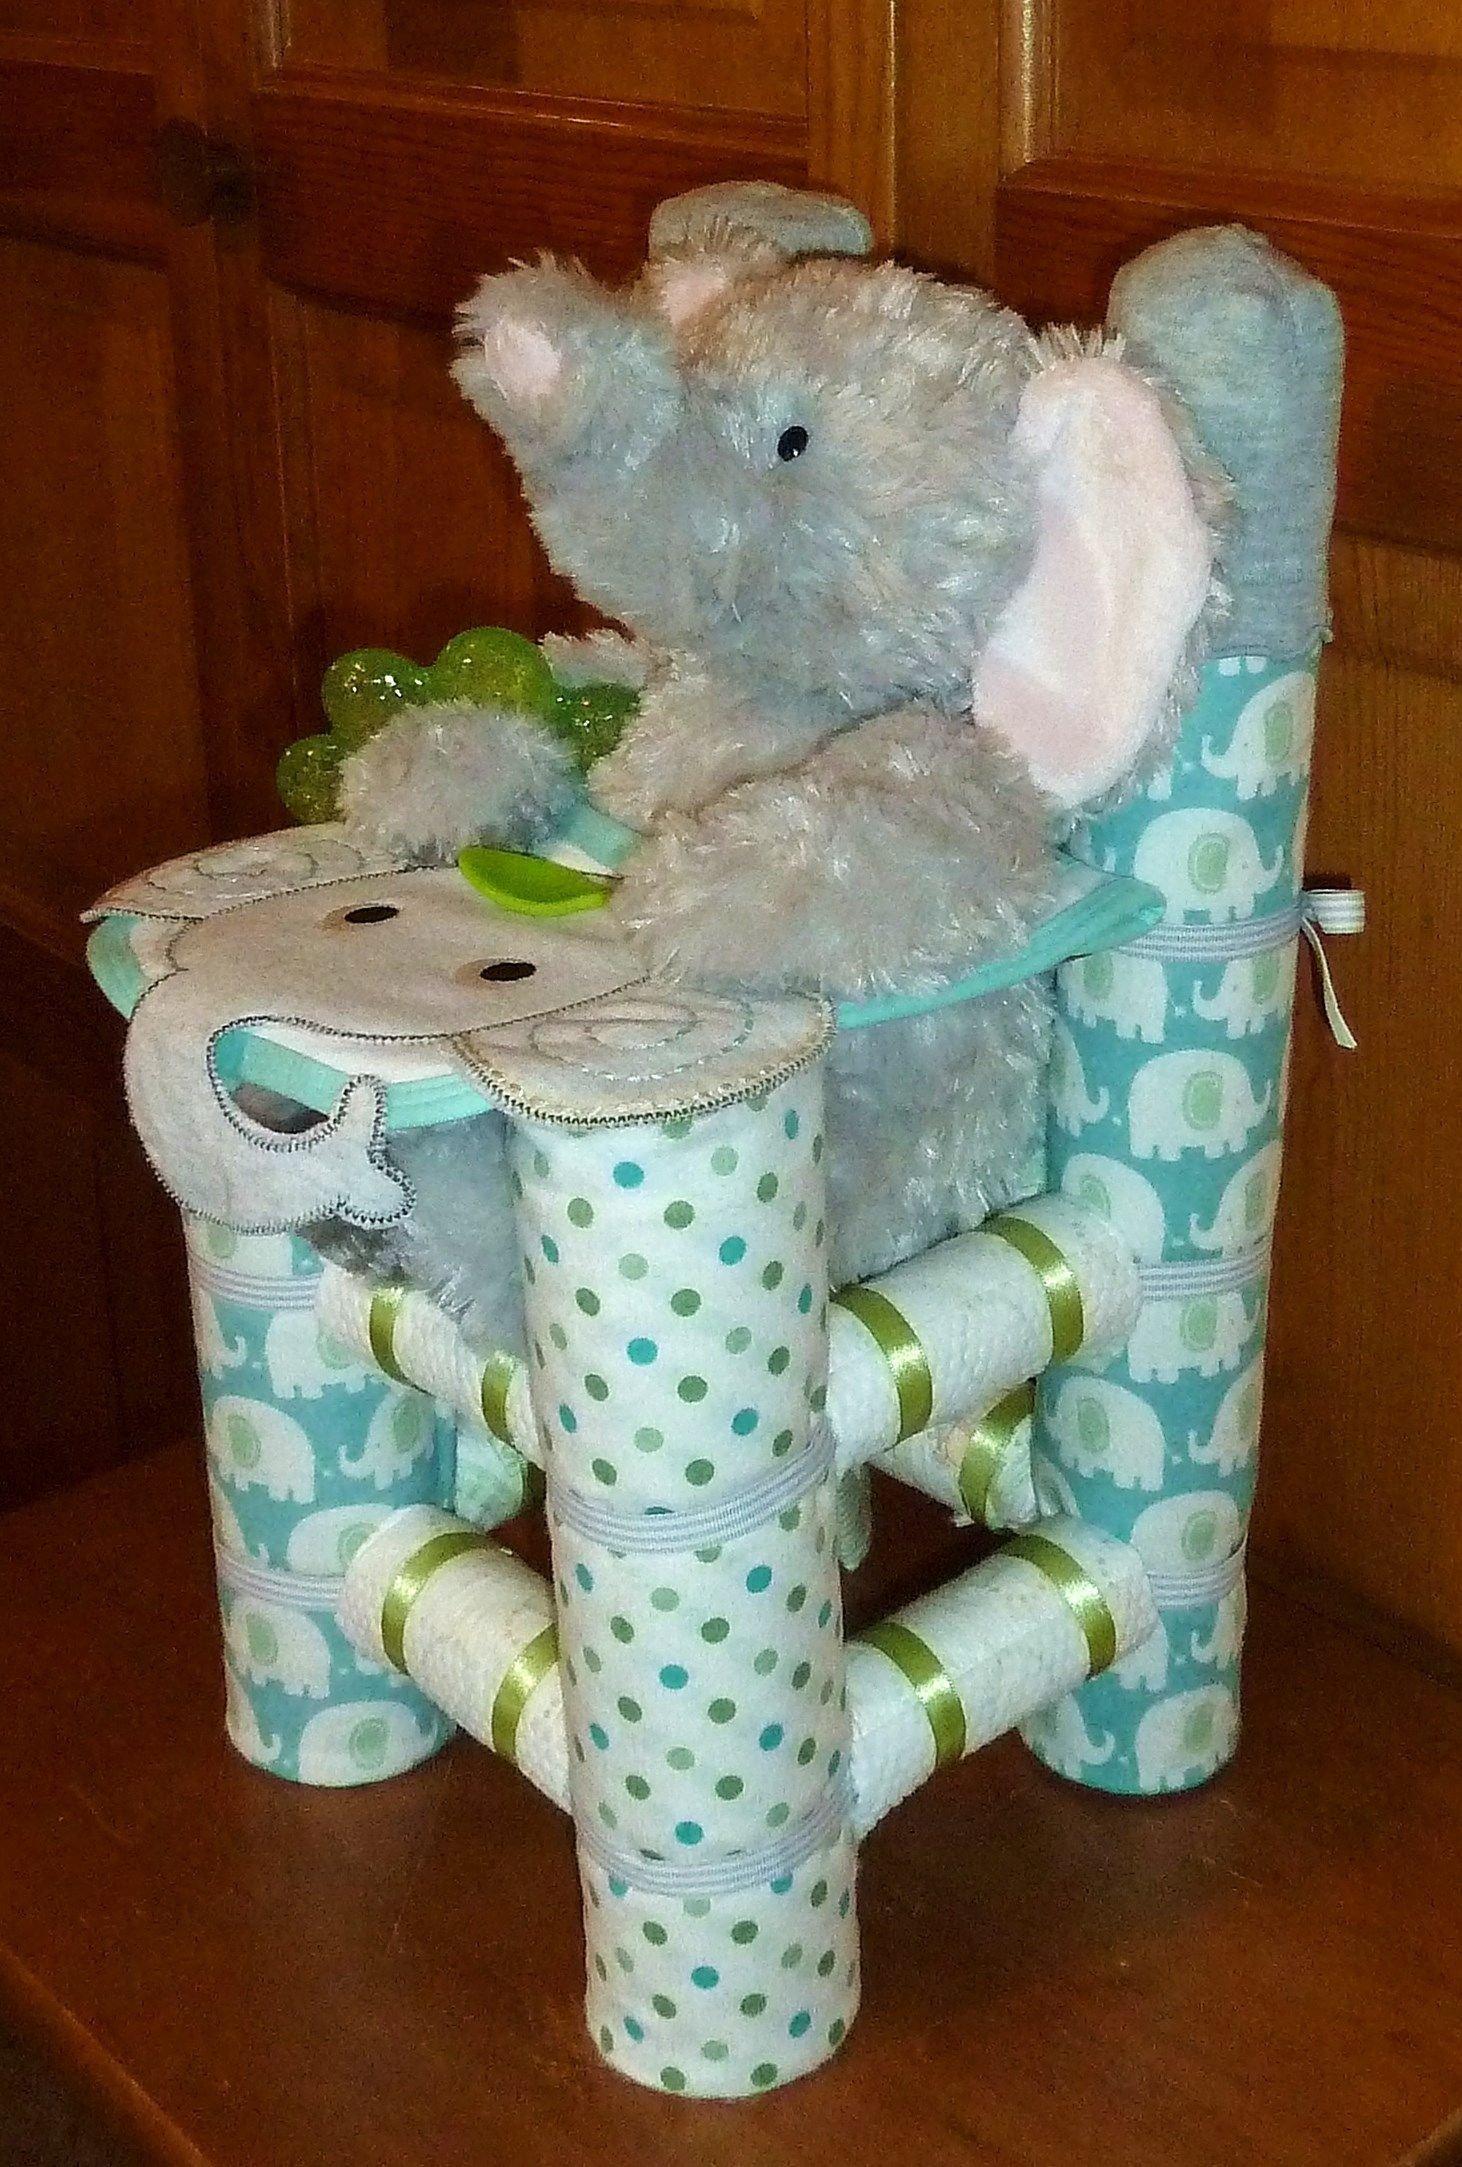 10 Pretty Diaper Ideas For Baby Shower diaper high chair boy elephant www etsy shop creationsbydawne 2020